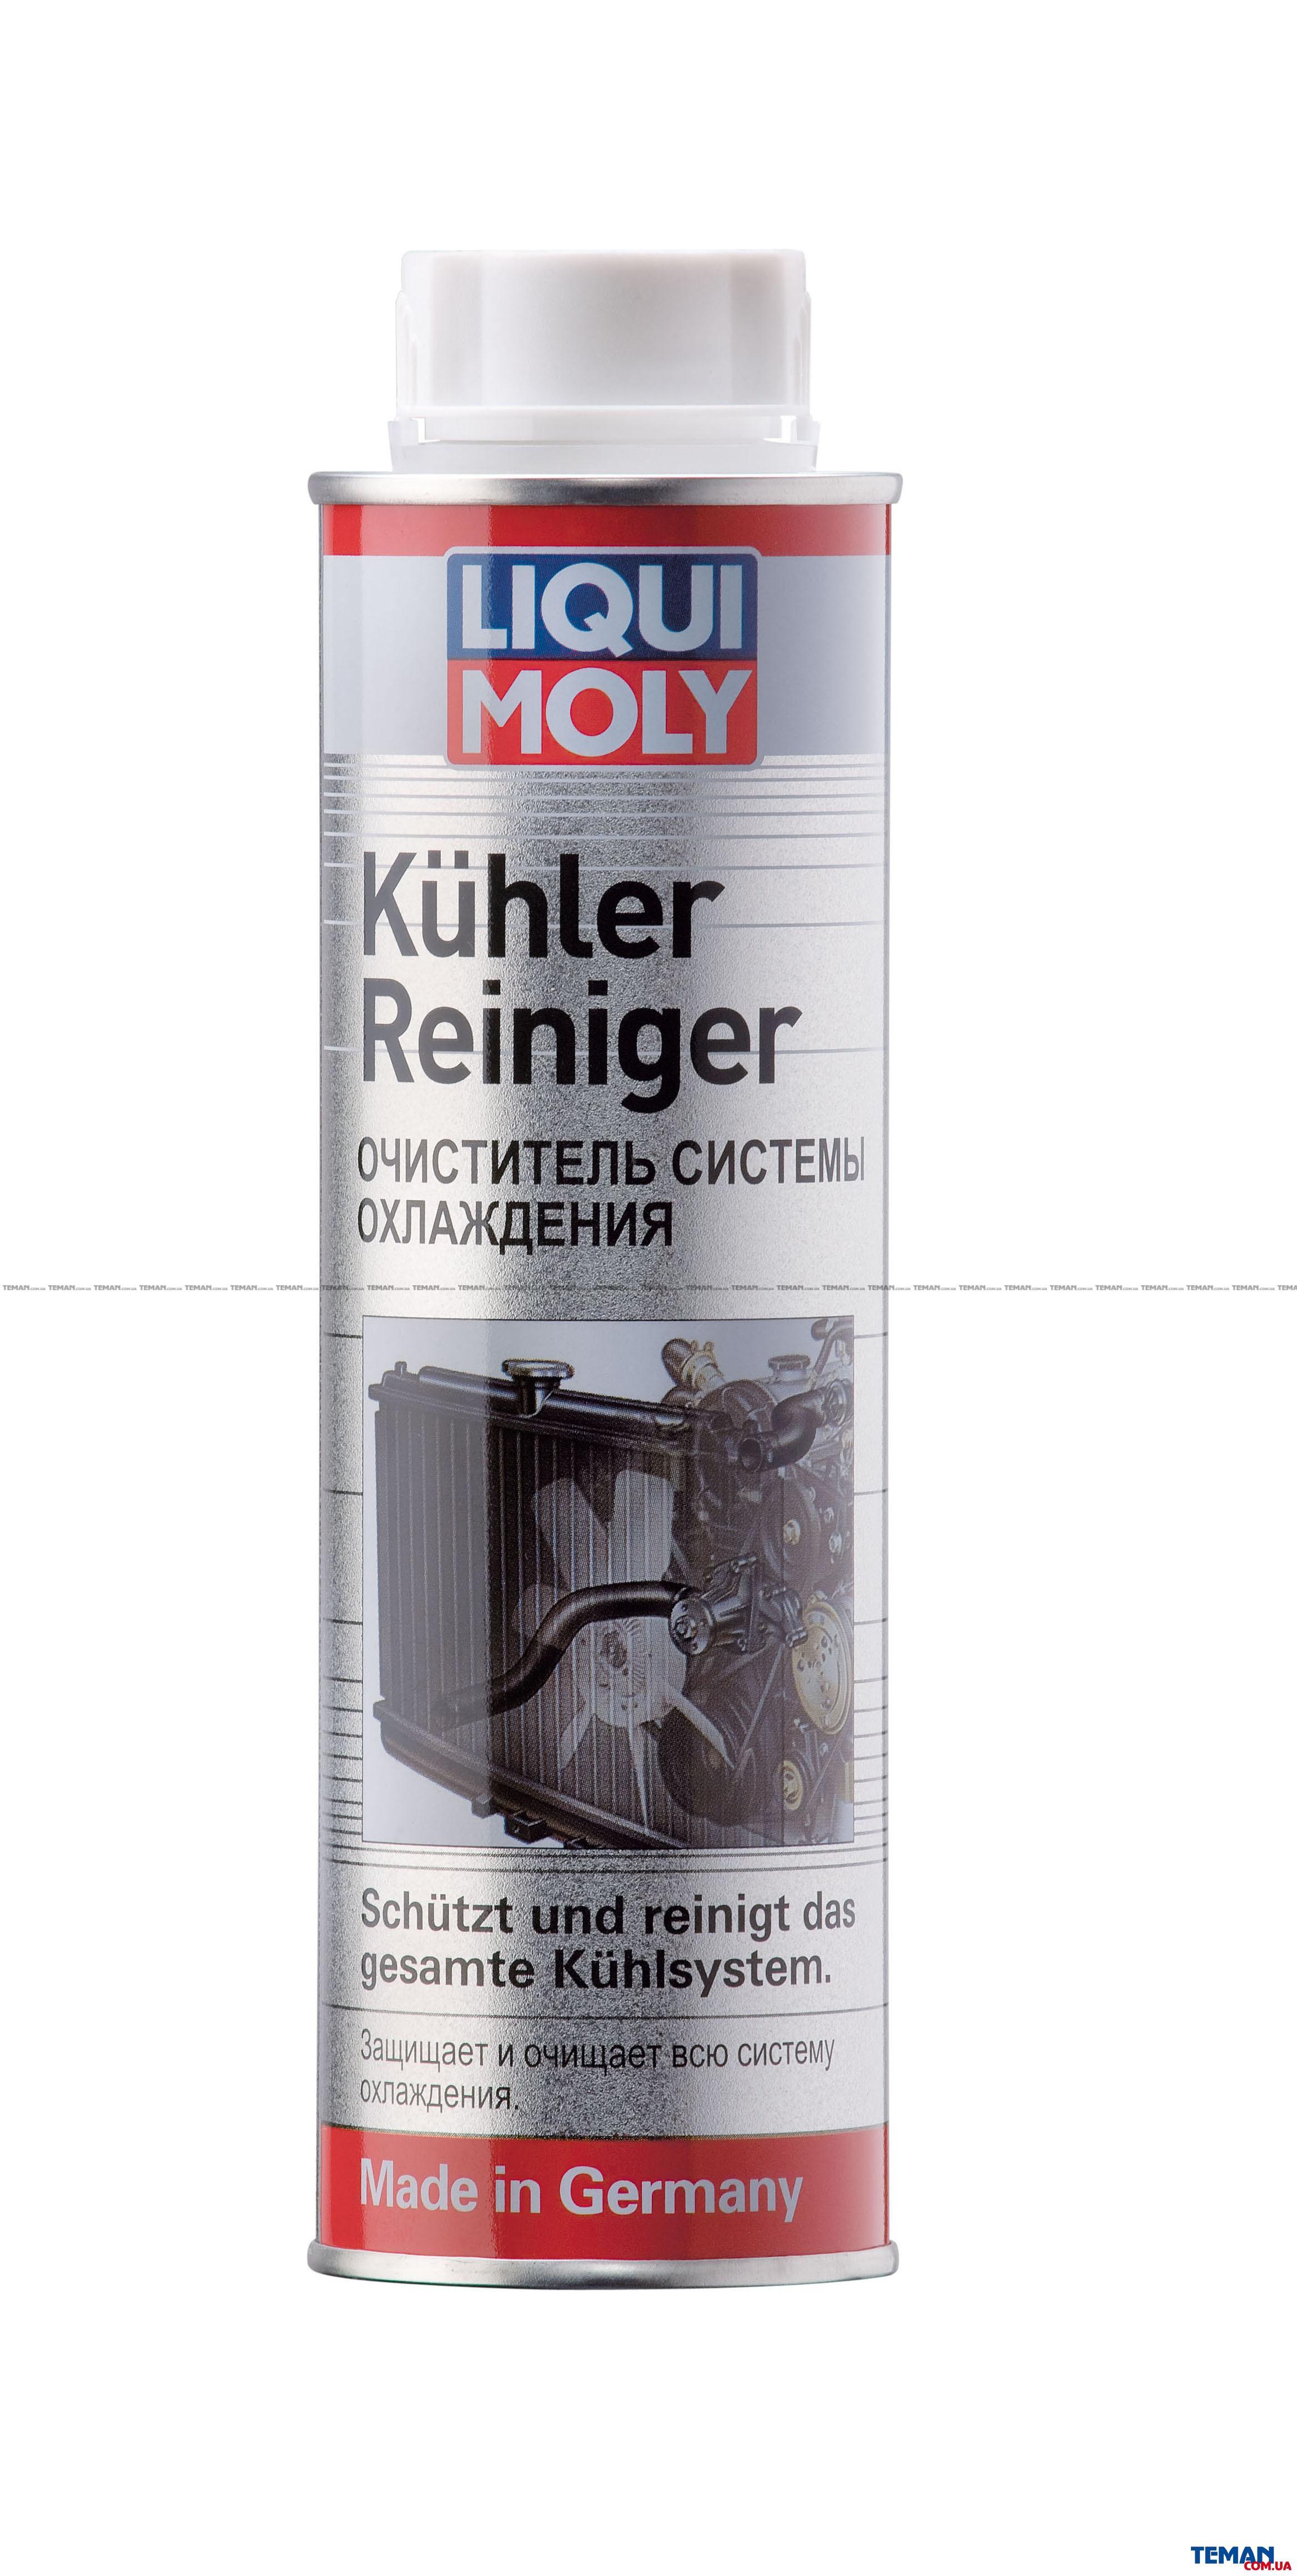 Купить Очиститель системы охлаждения Kuhler-Reiniger, 300 млLIQUI MOLY 1994